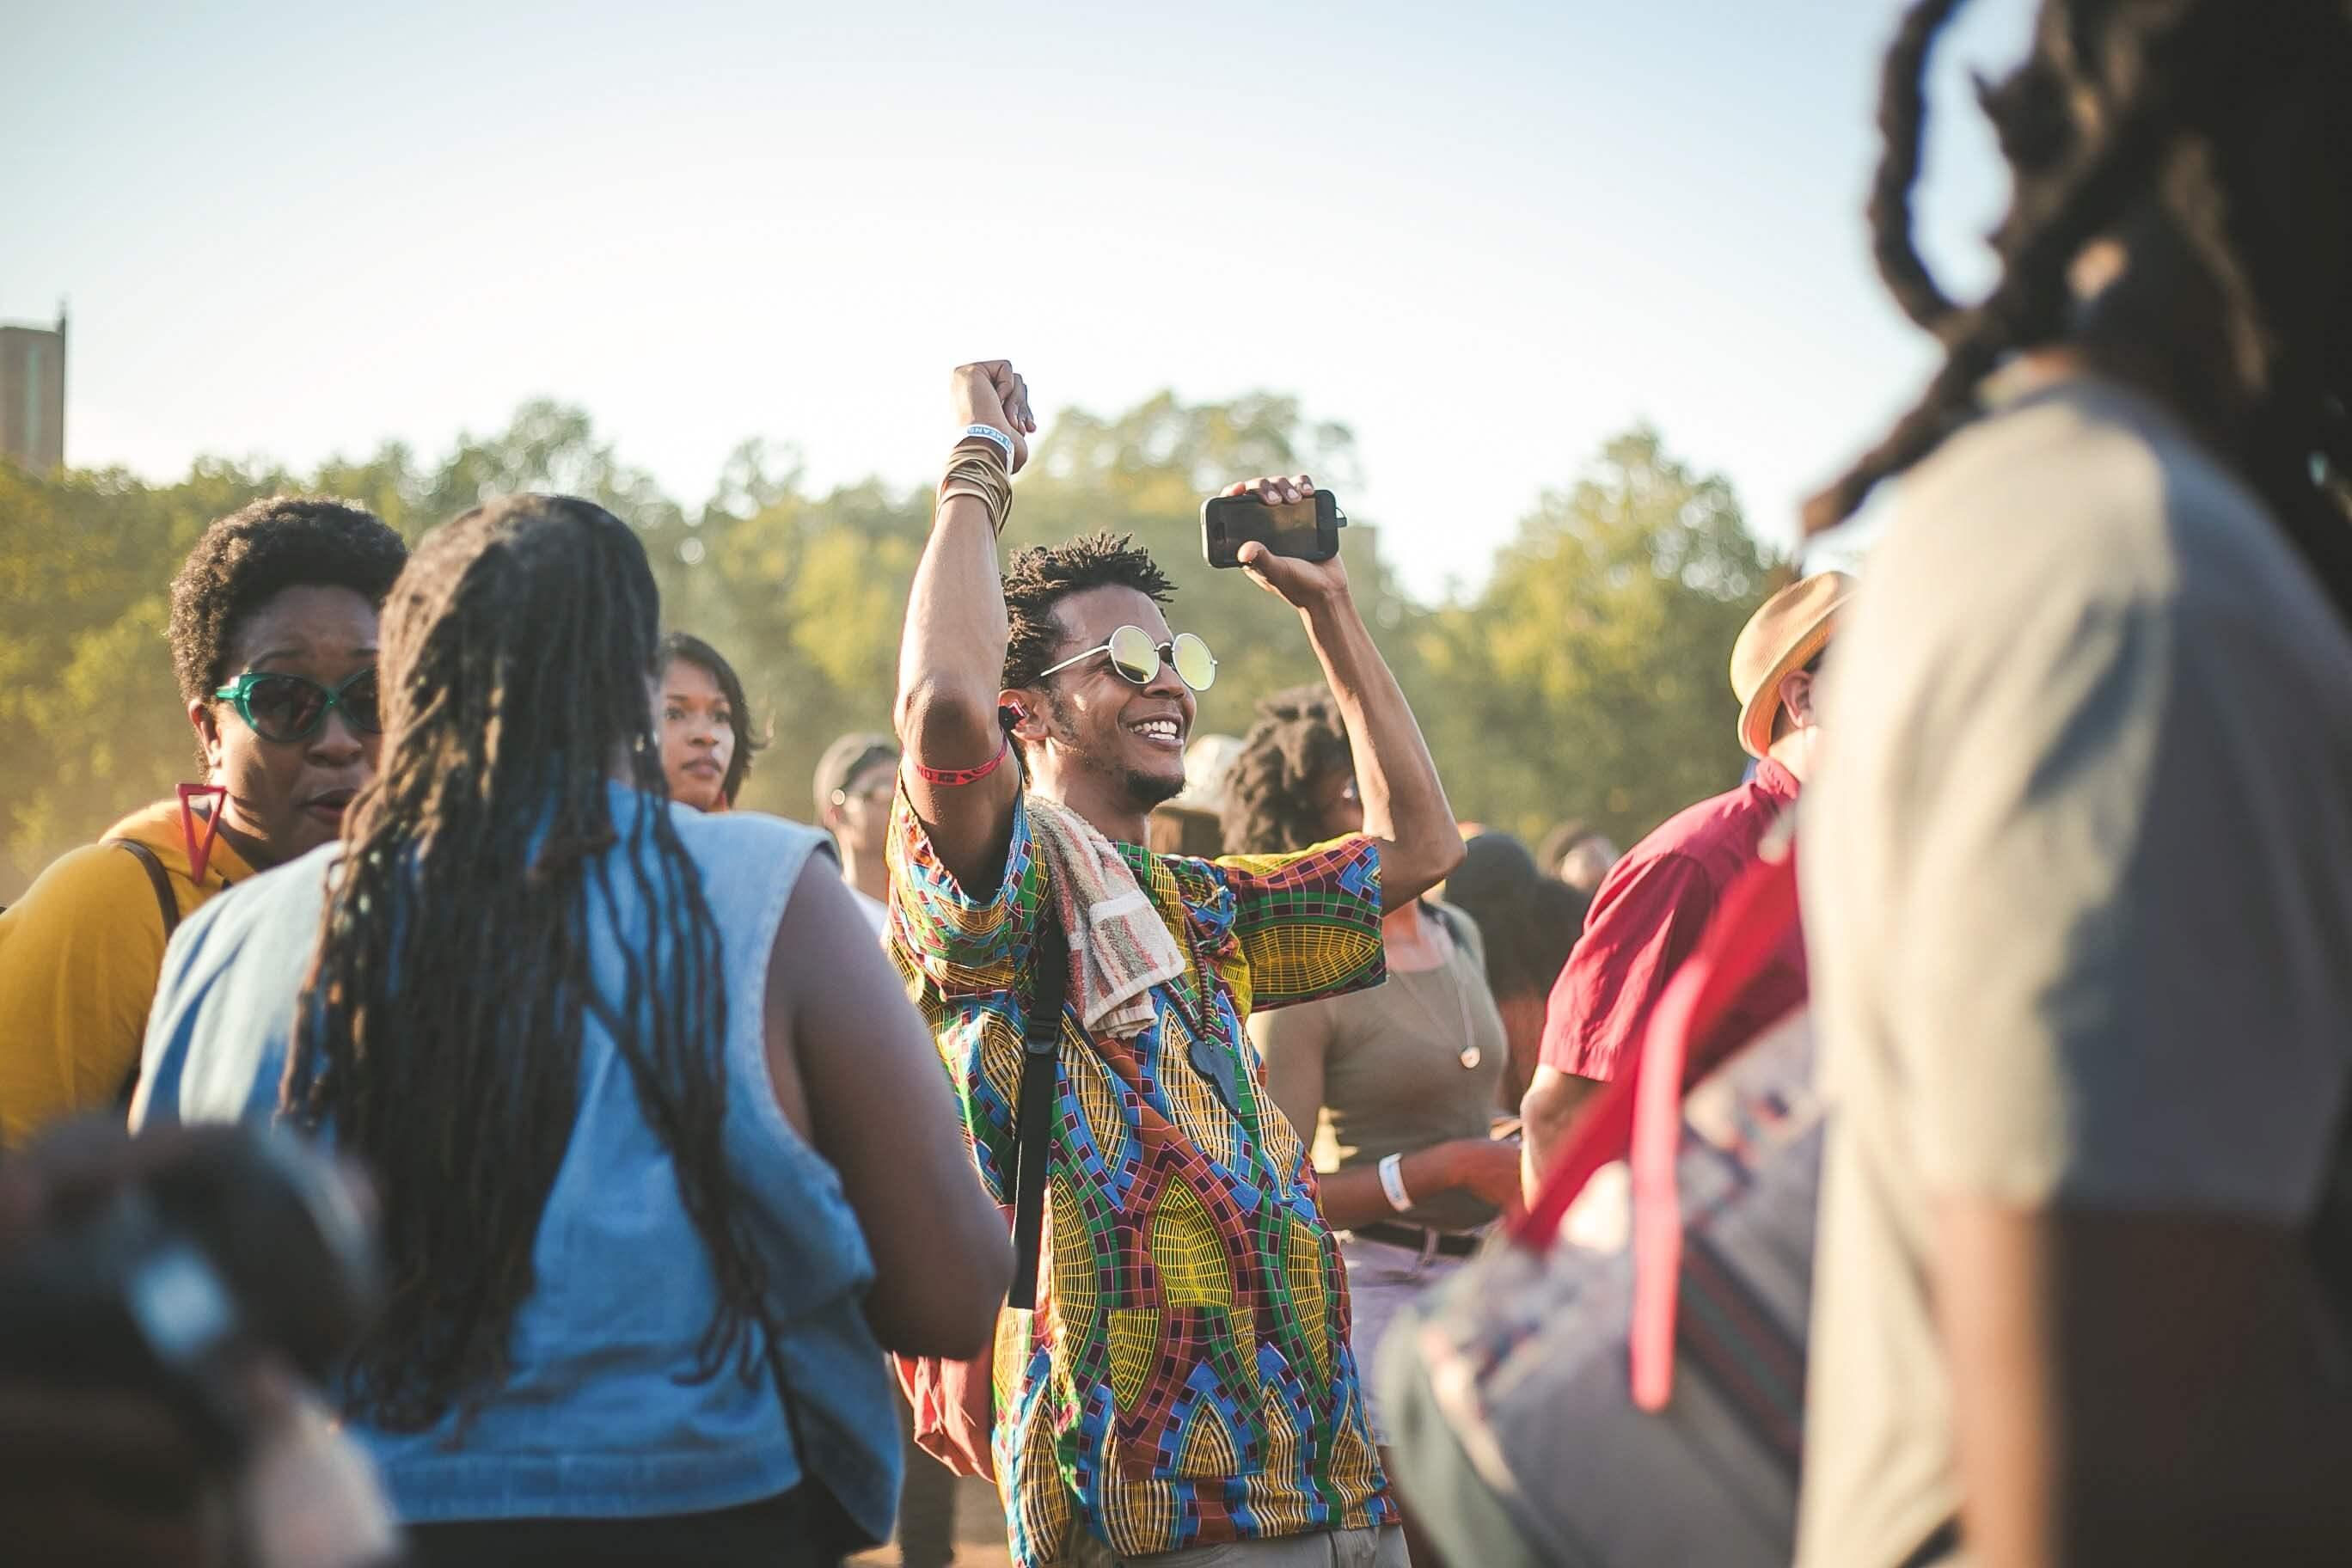 2019 Summer Festivals